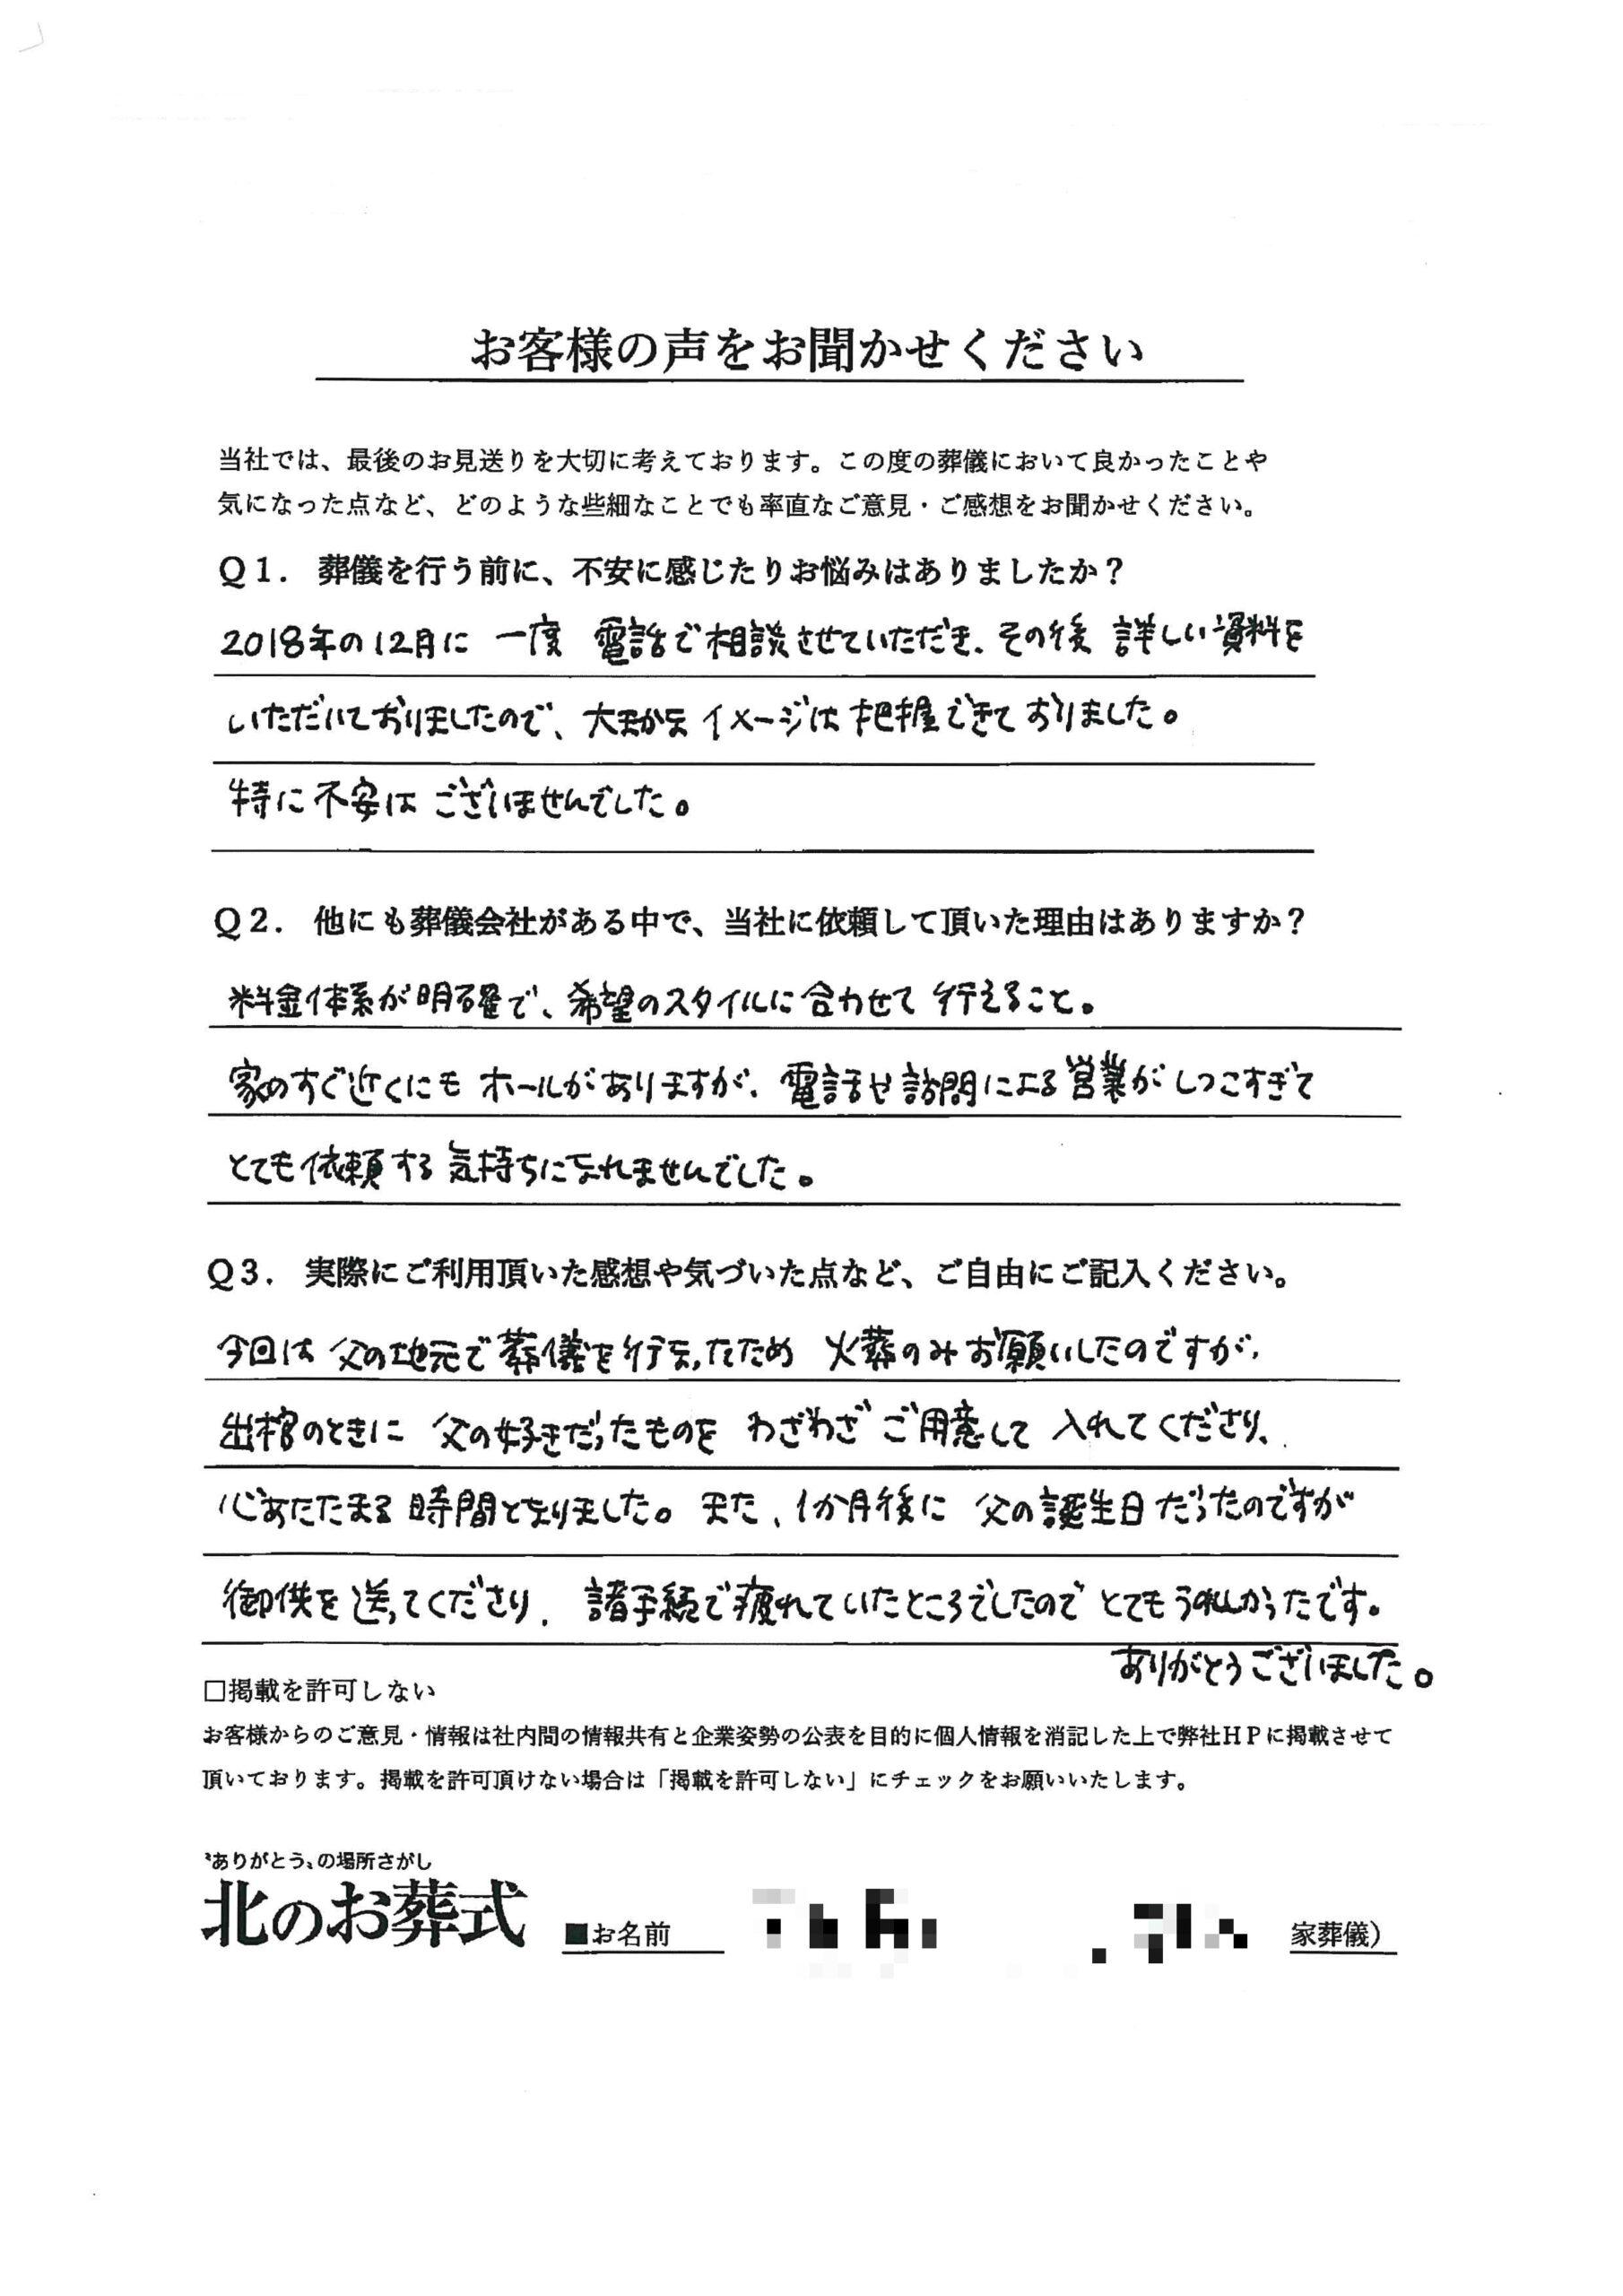 鈴木家アンケート